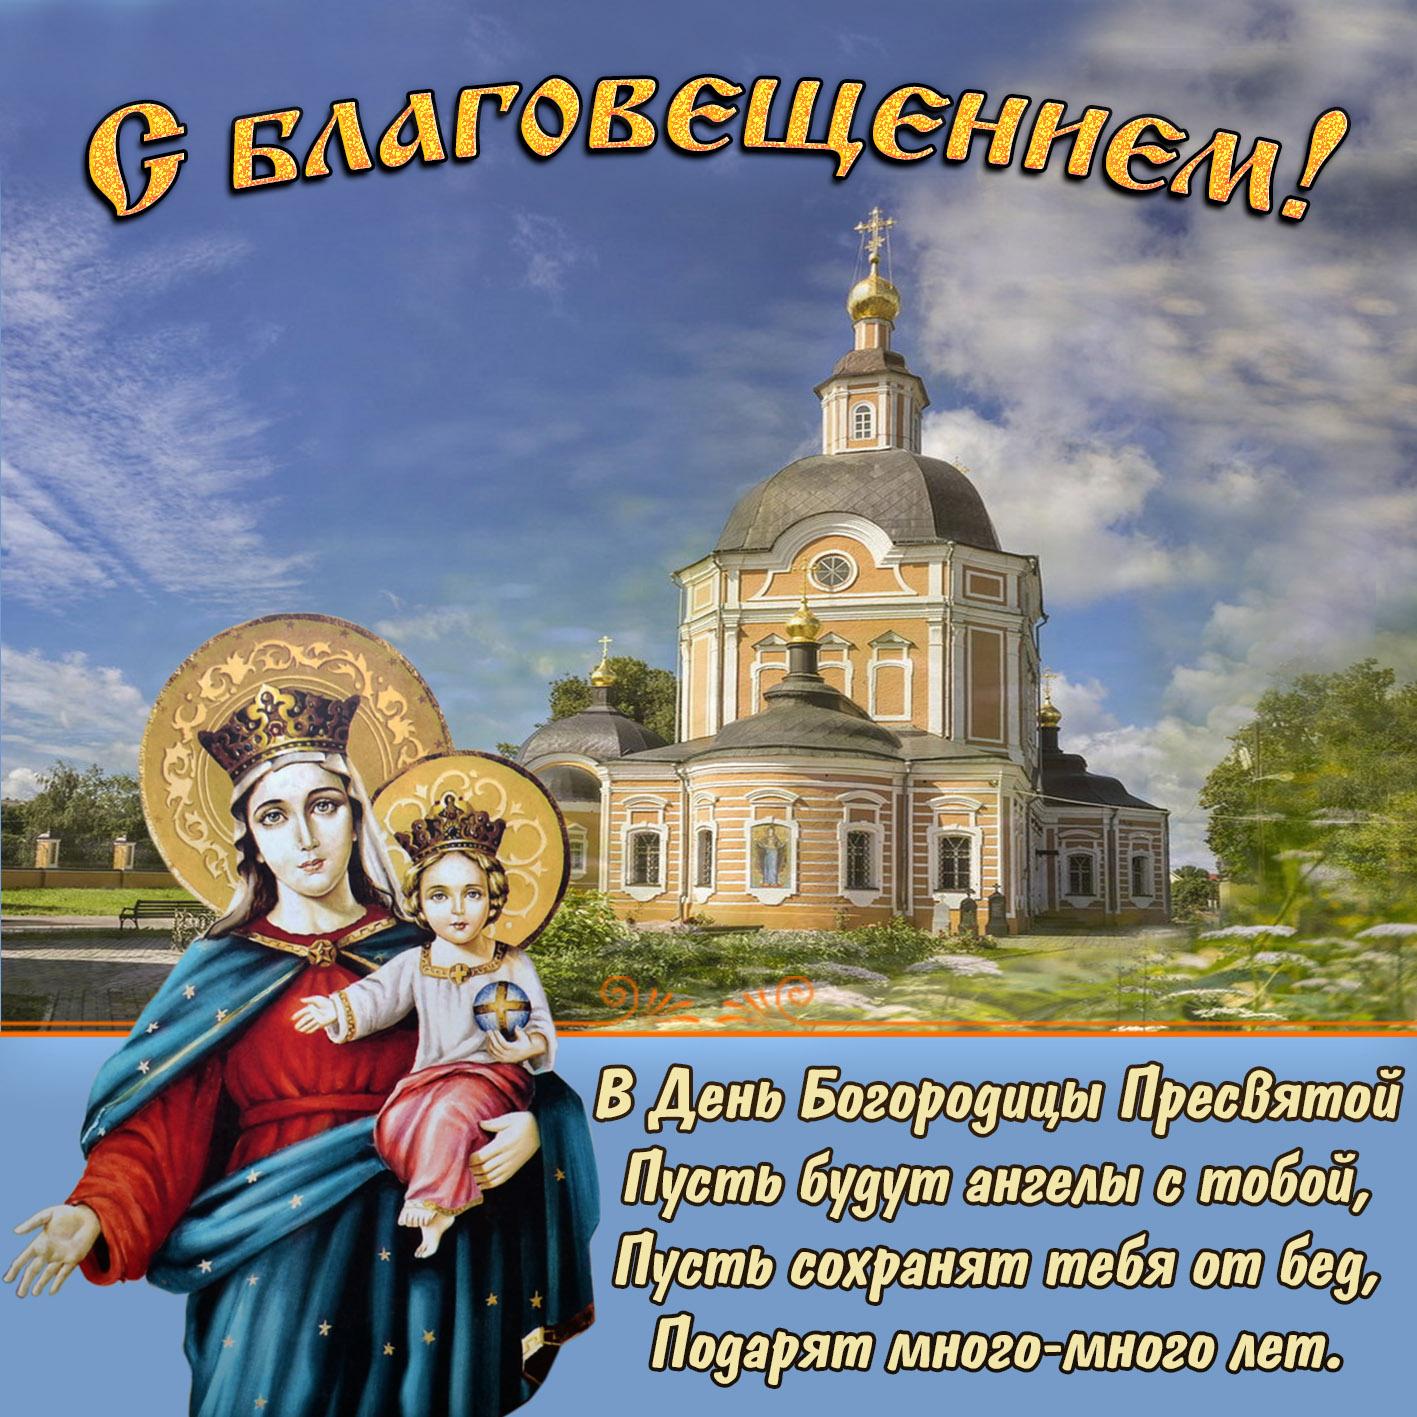 Красивая открытка на День Пресвятой Богородицы